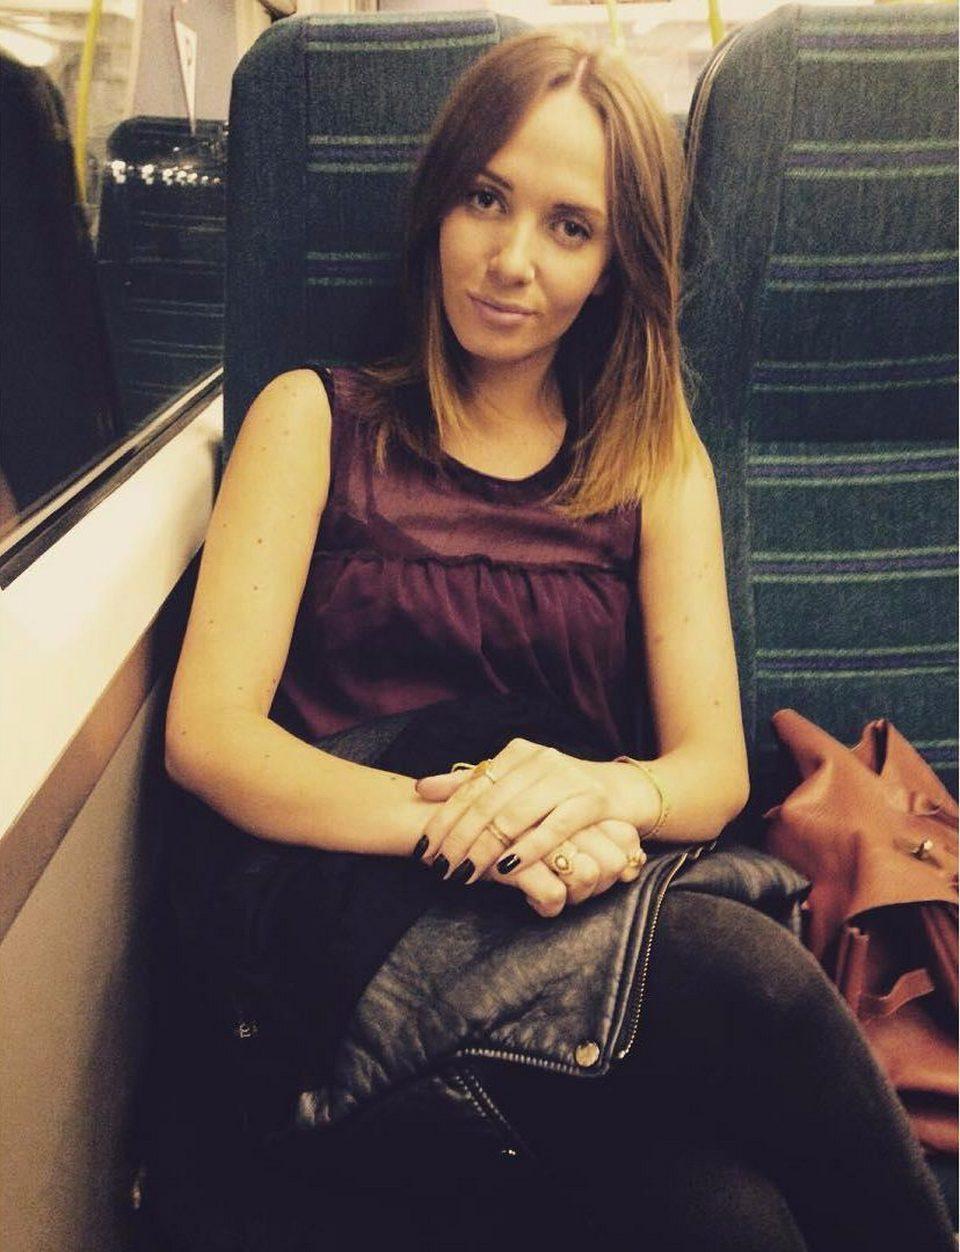 Официантка обвинила в домогательствах сразу 30 британских депутатов